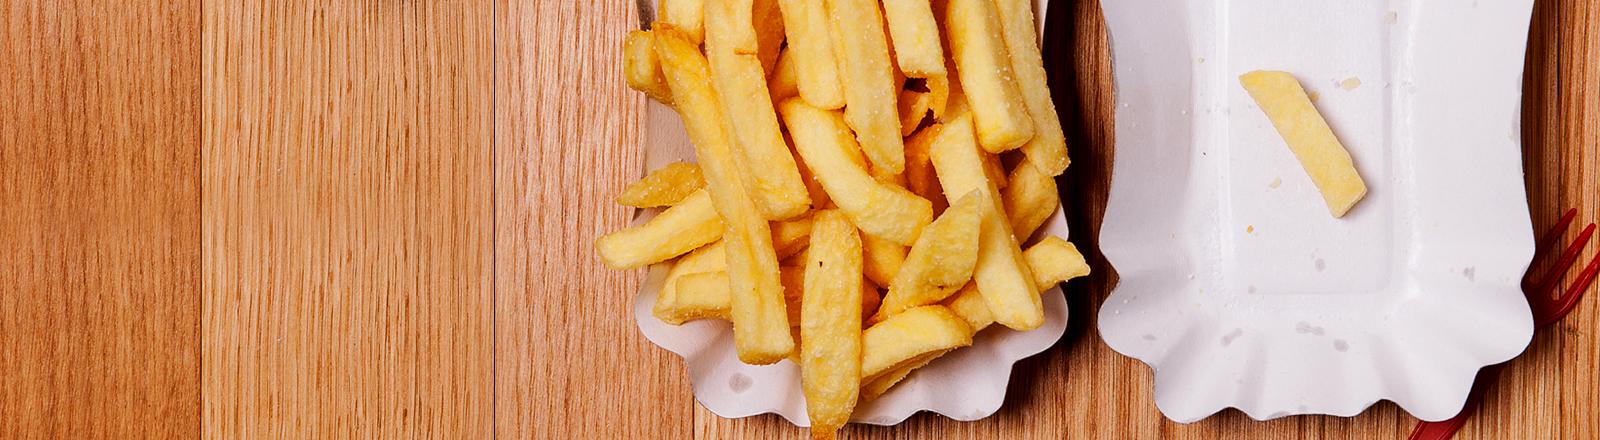 Zwei Schälchen mit Pommes Frittes - eins ist voll, in dem anderen liegt nur eine einzige Fritte.